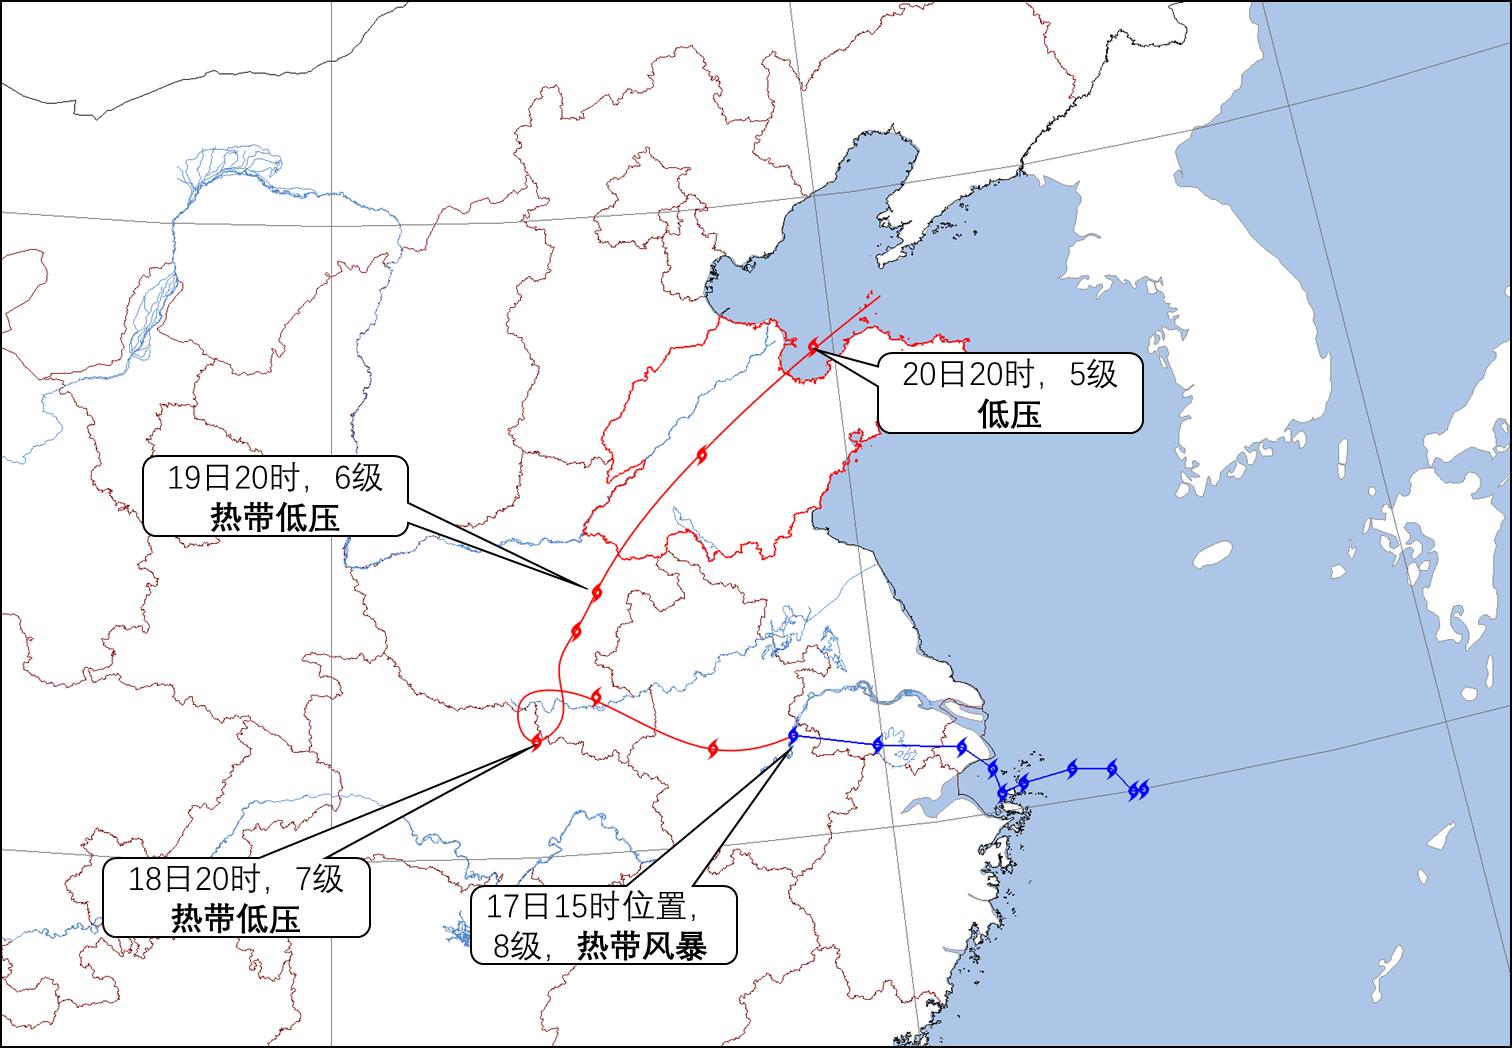 """海丽气象吧丨""""温比亚""""20时正式抵鲁明天入渤海 明晚全省降水结束"""